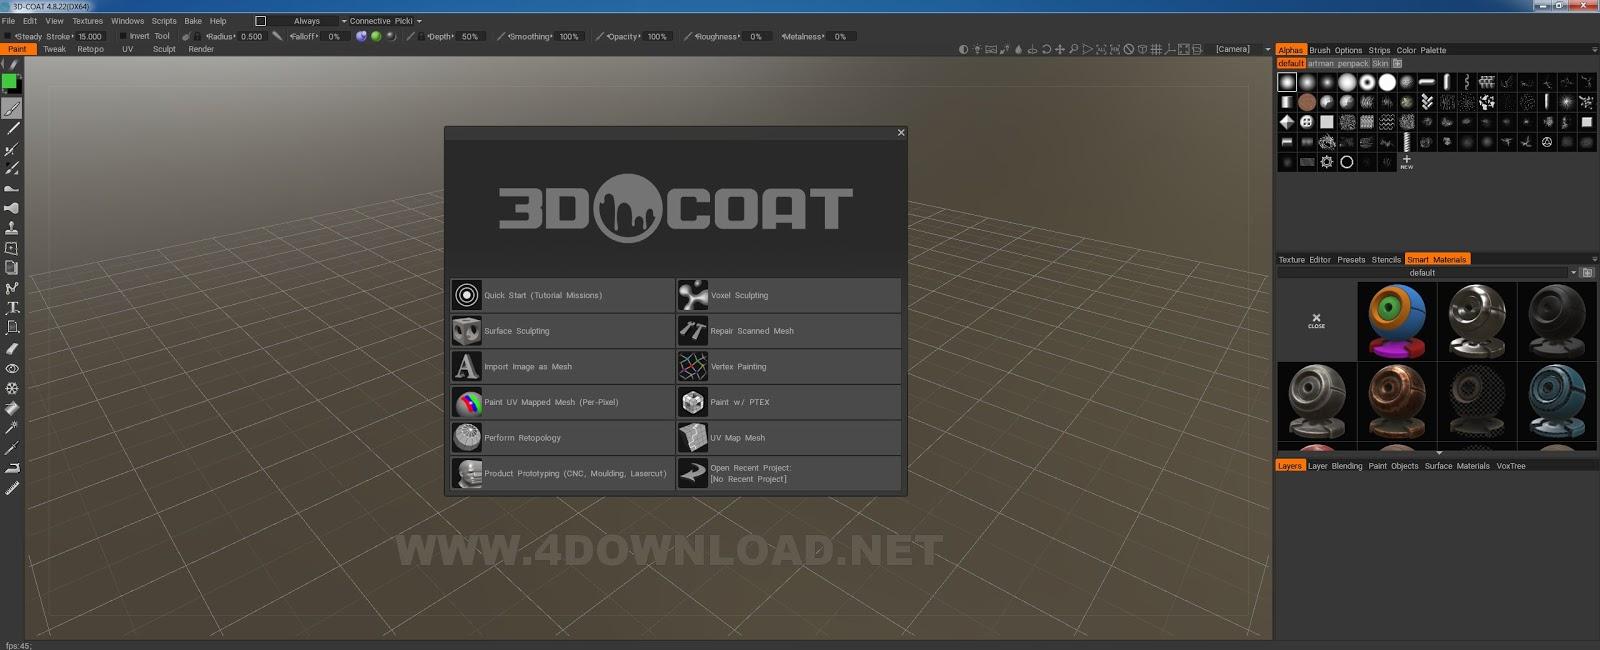 3D Coat v4.8.22 Full version